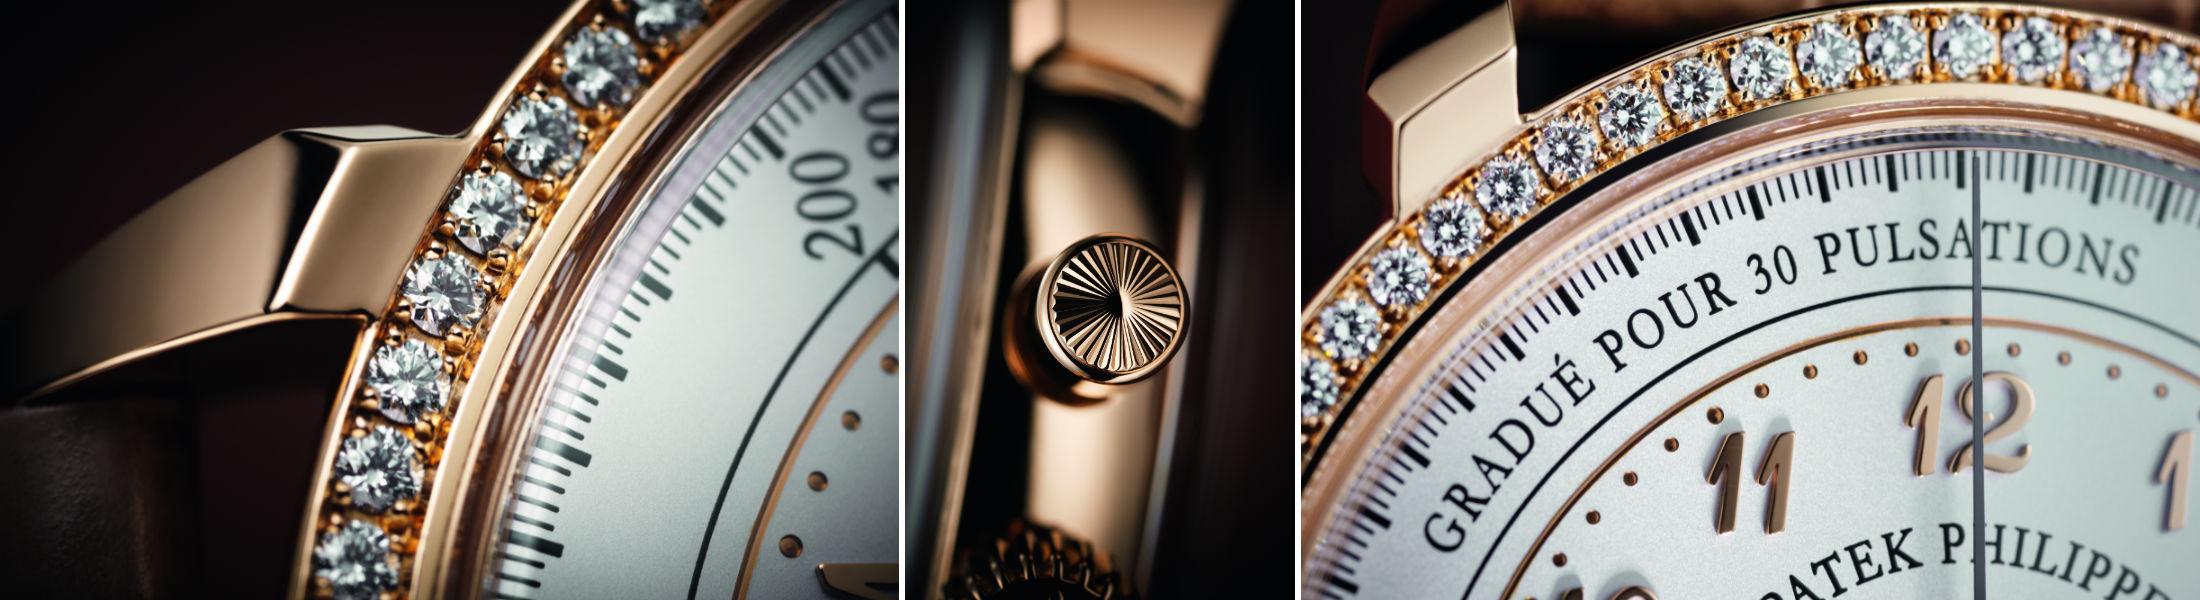 Alcuni dettagli della nuova veste del Patek Philippe Ladies Chronograph - Ref. 7150/250R-001.